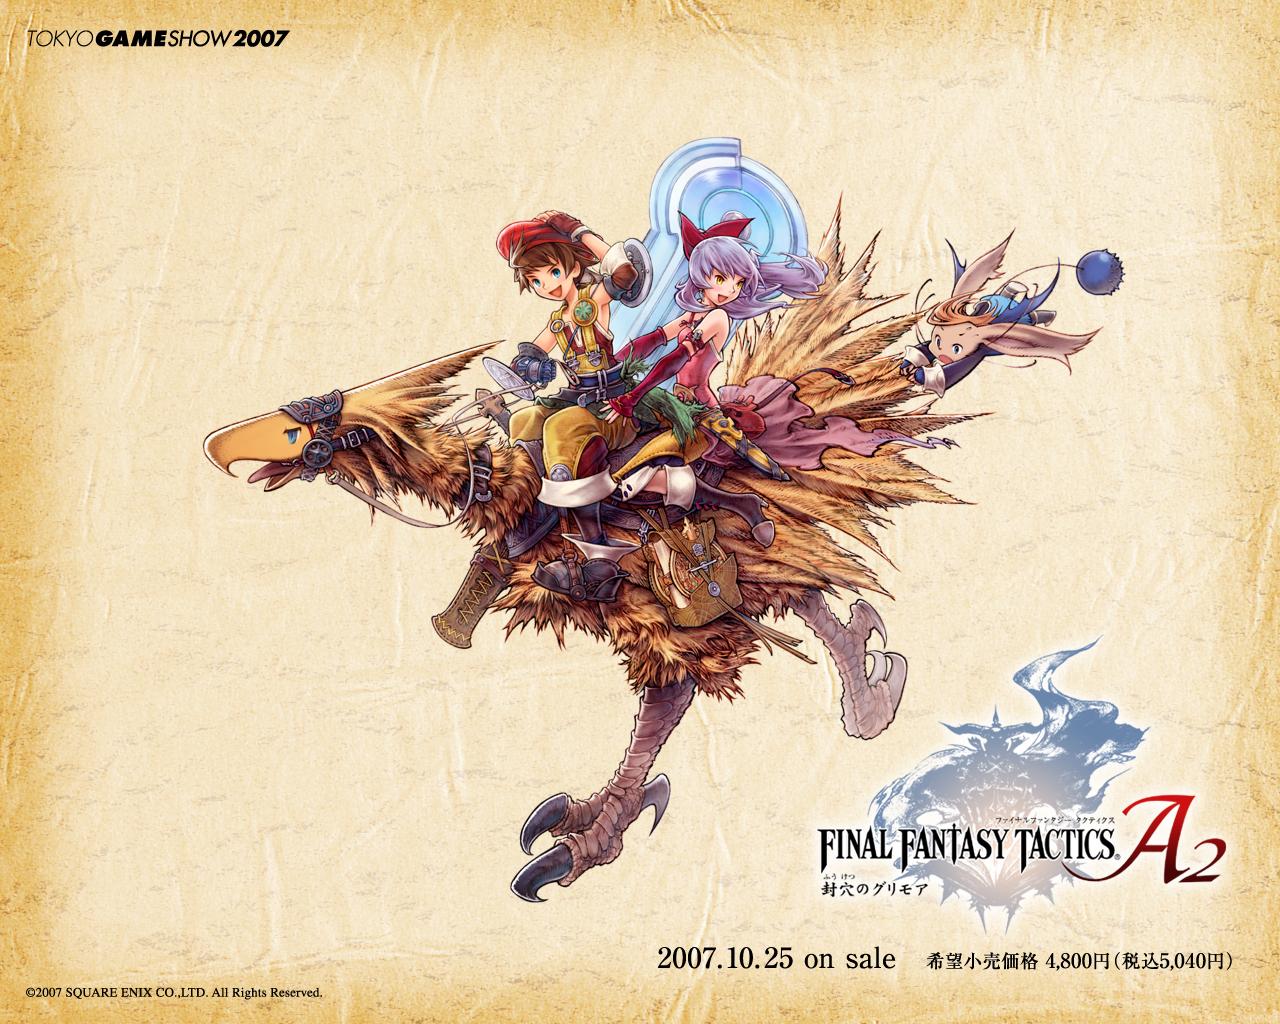 Fantastic Final Fantasy Tactics/ Advance/ War of the Lions Wallpapers